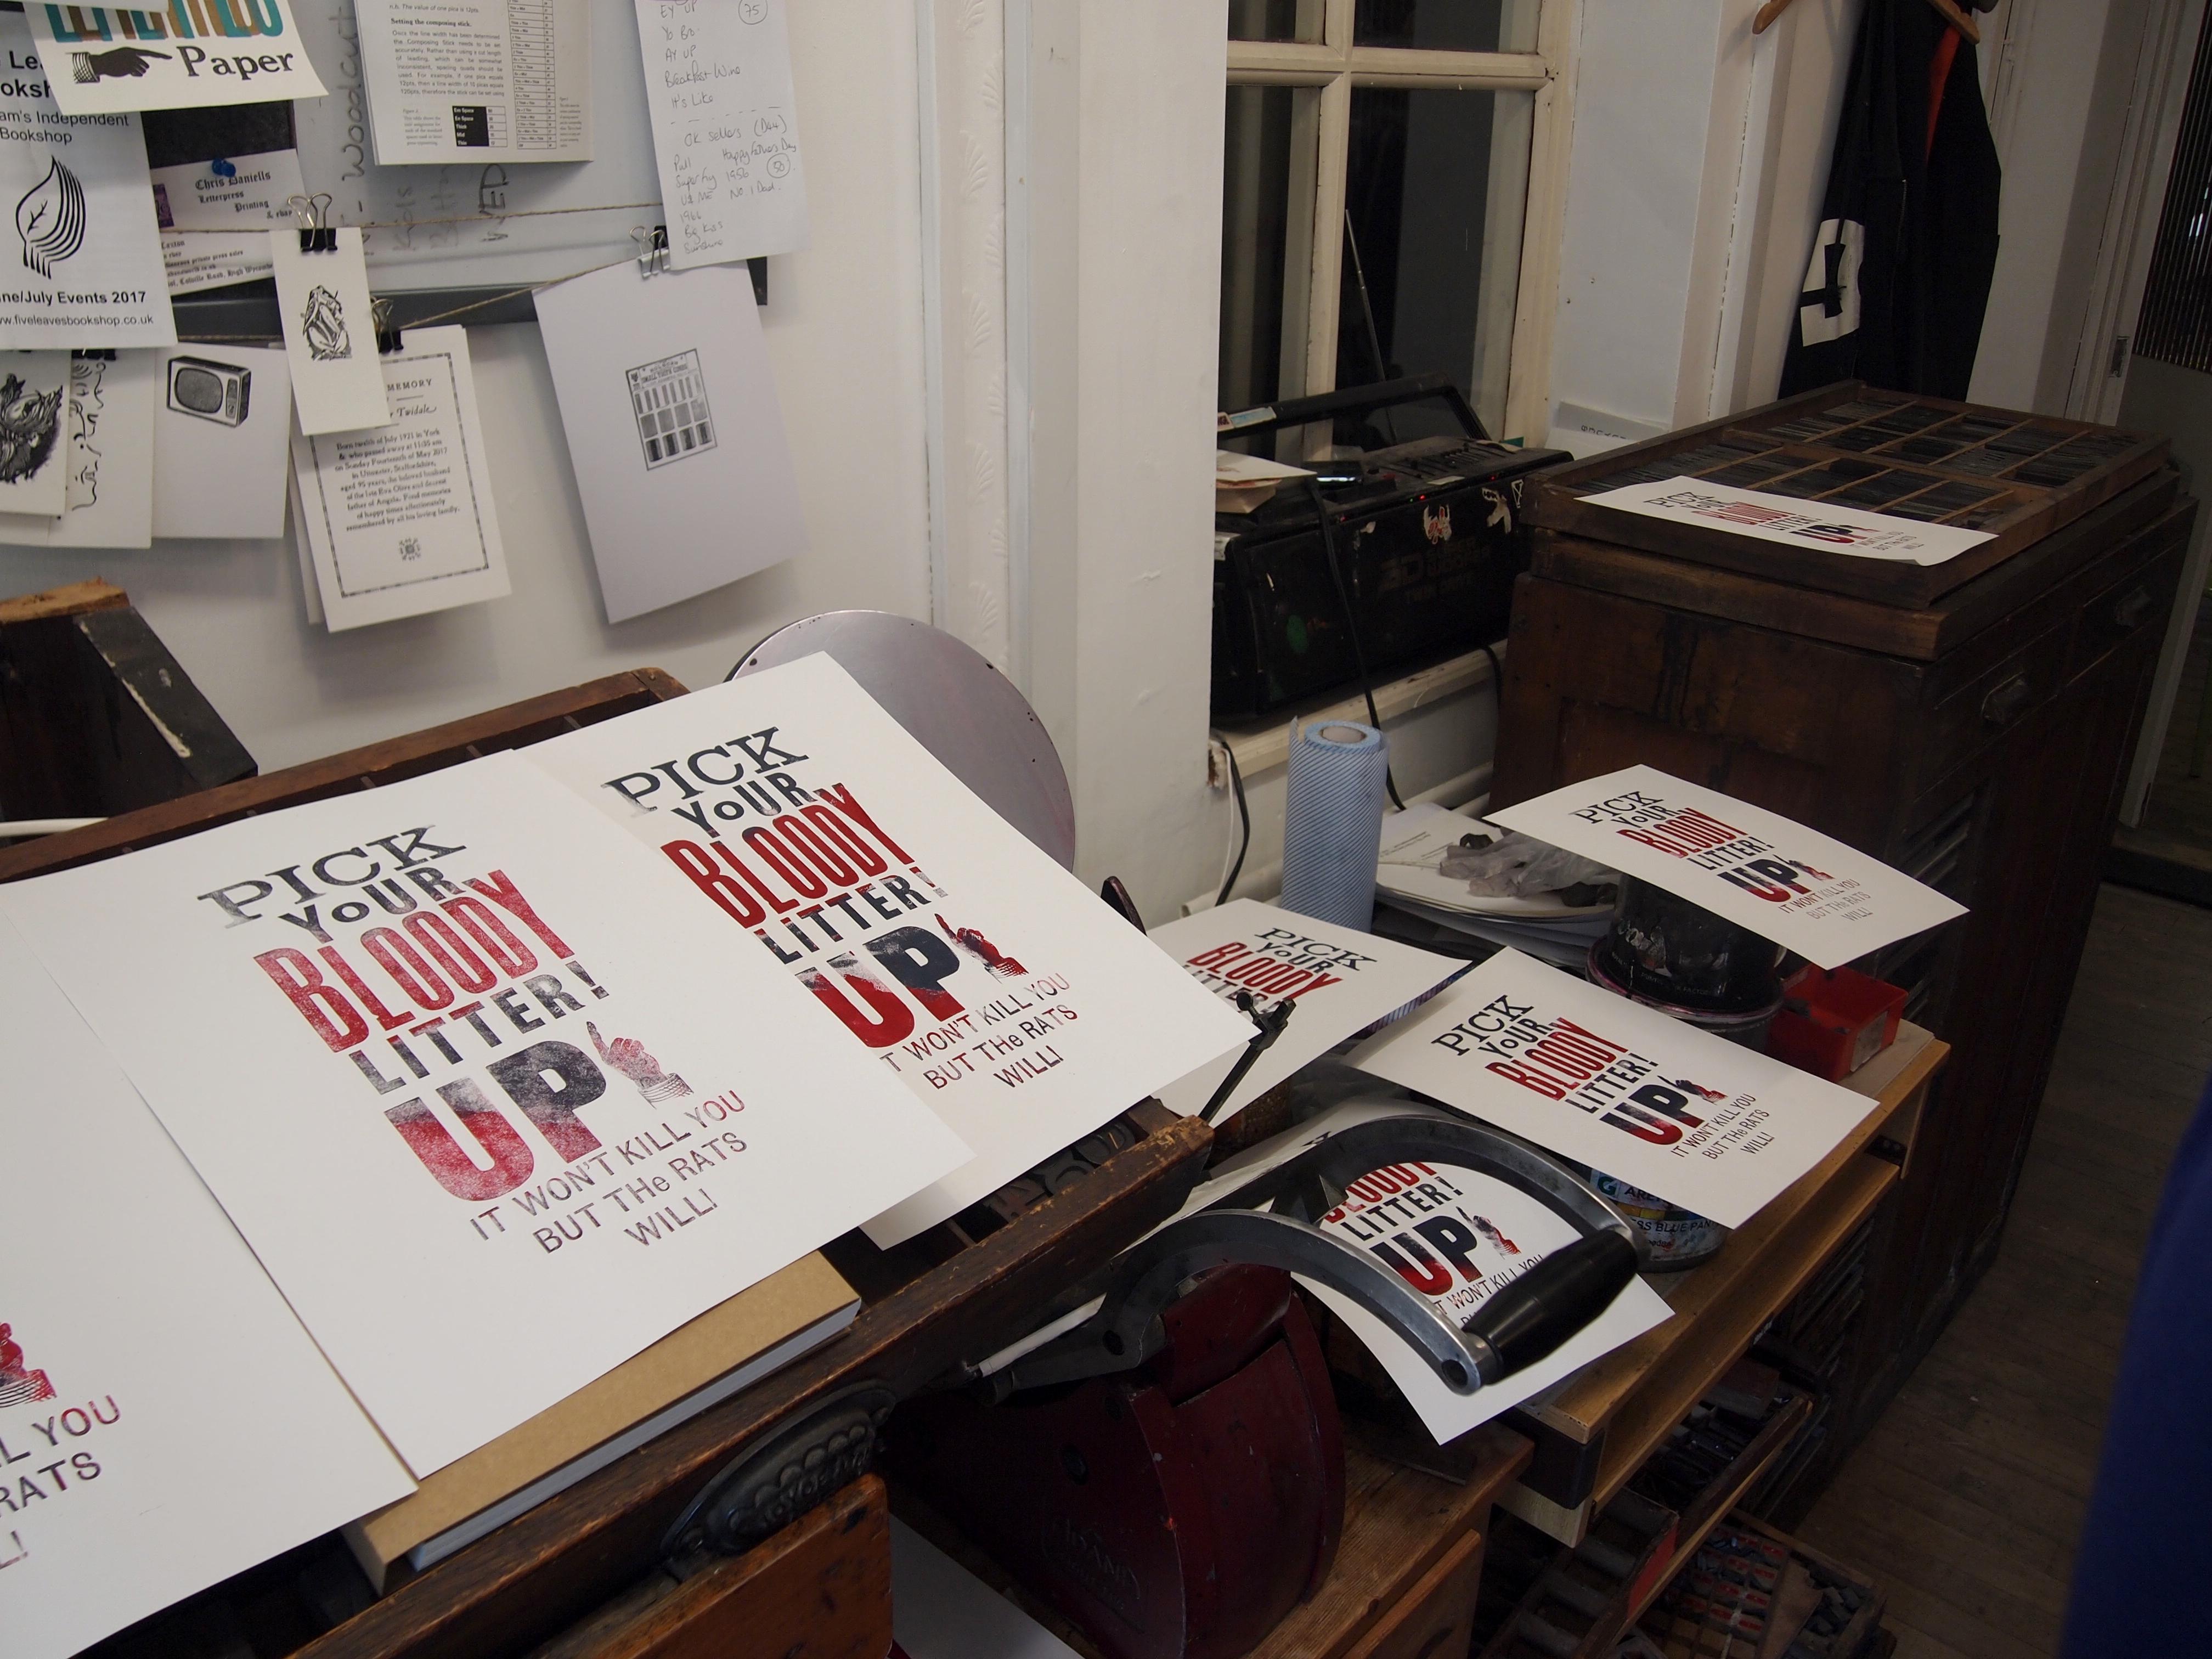 Print a Letterpress Poster-a-thon